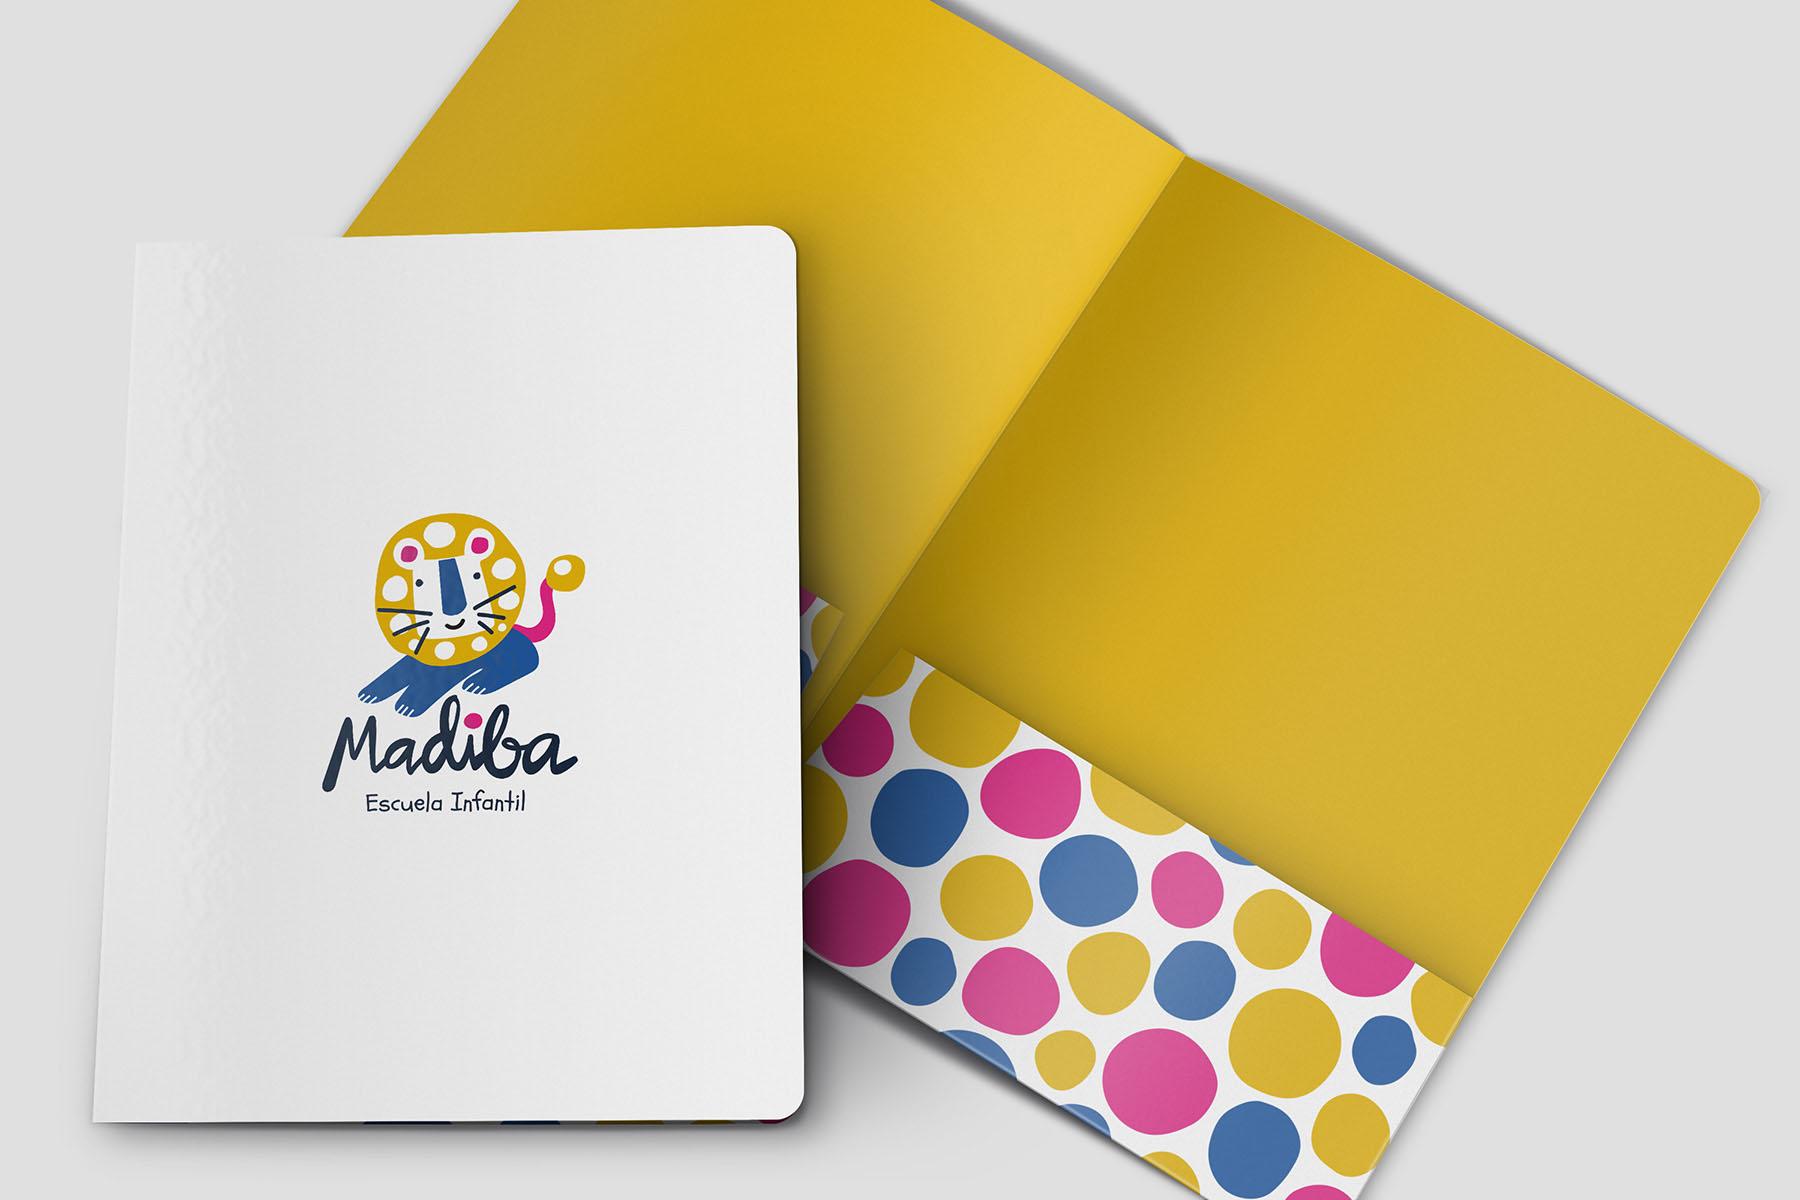 Madiba_05